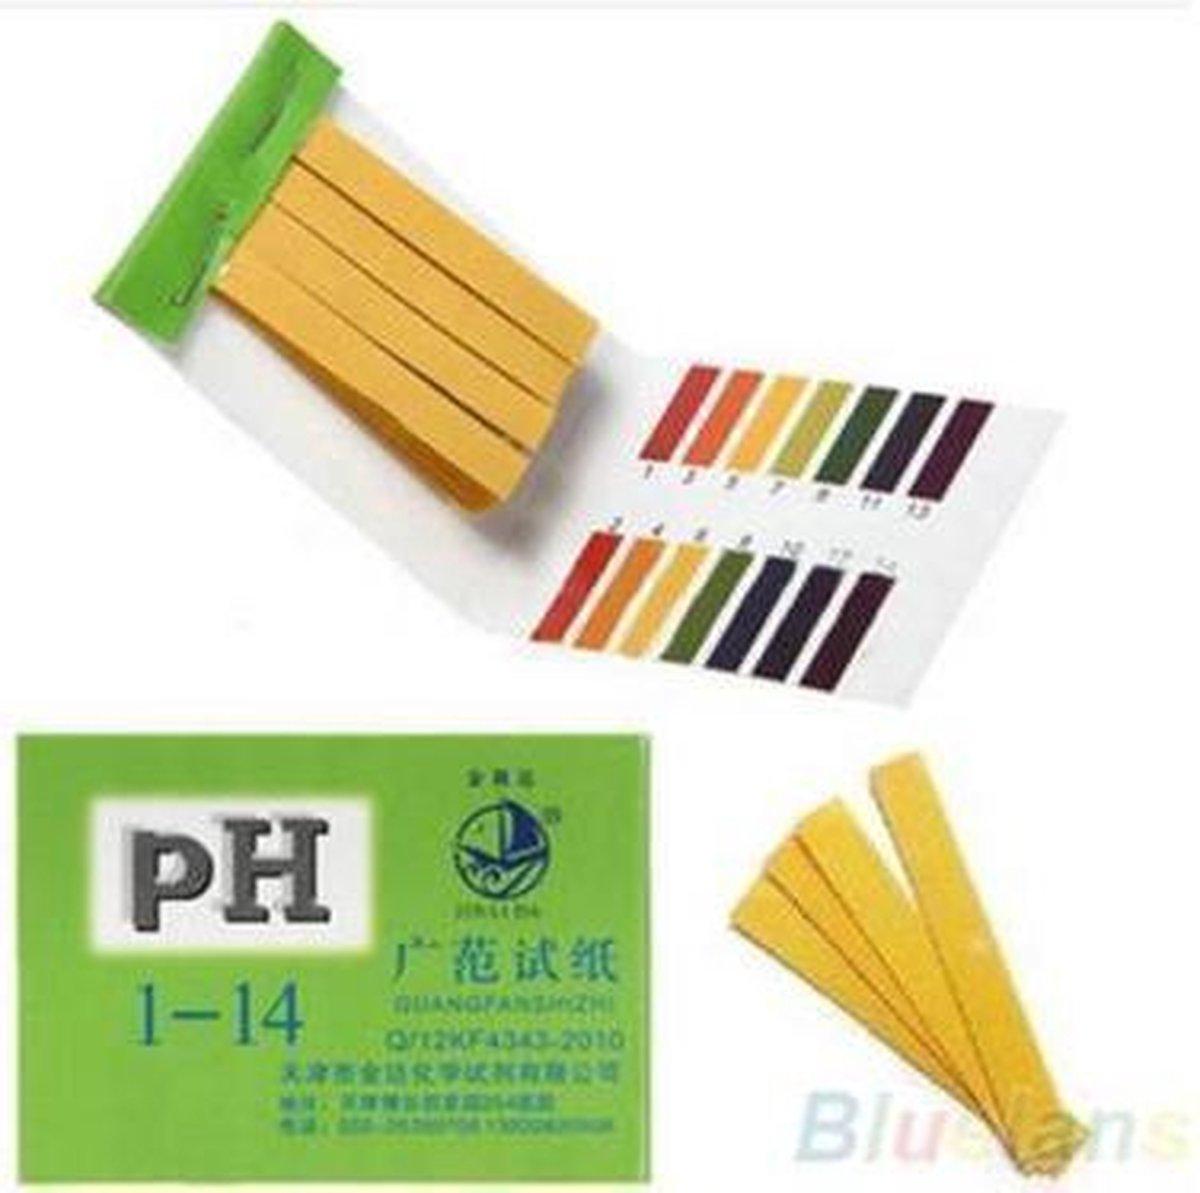 Ph Strips Lakmoes Papier Test Strips PH 1-14